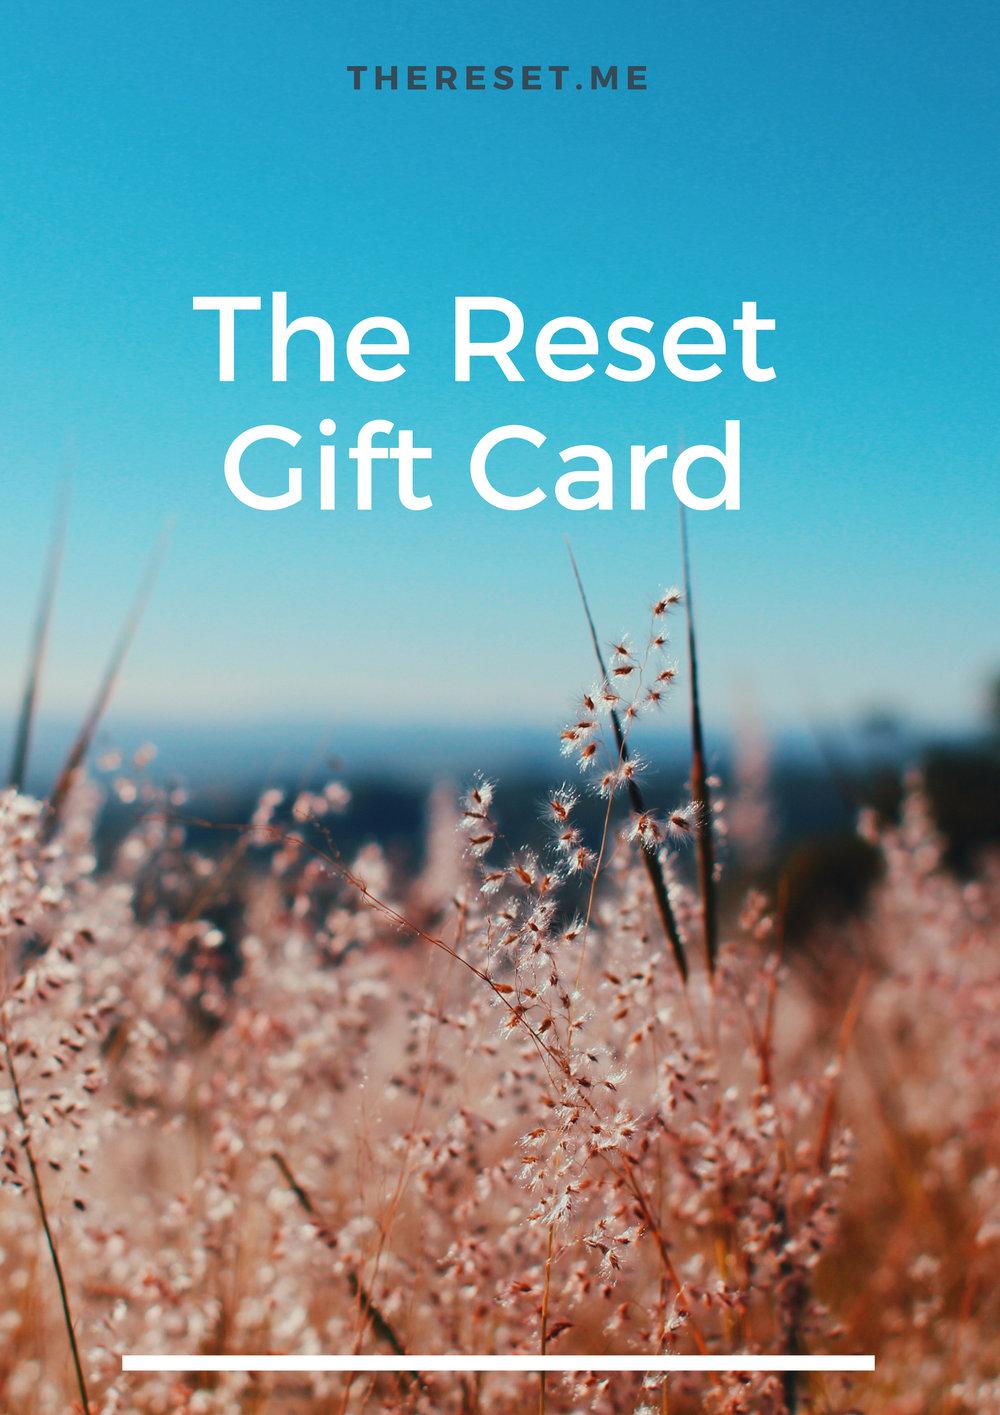 Gift card cover.jpg